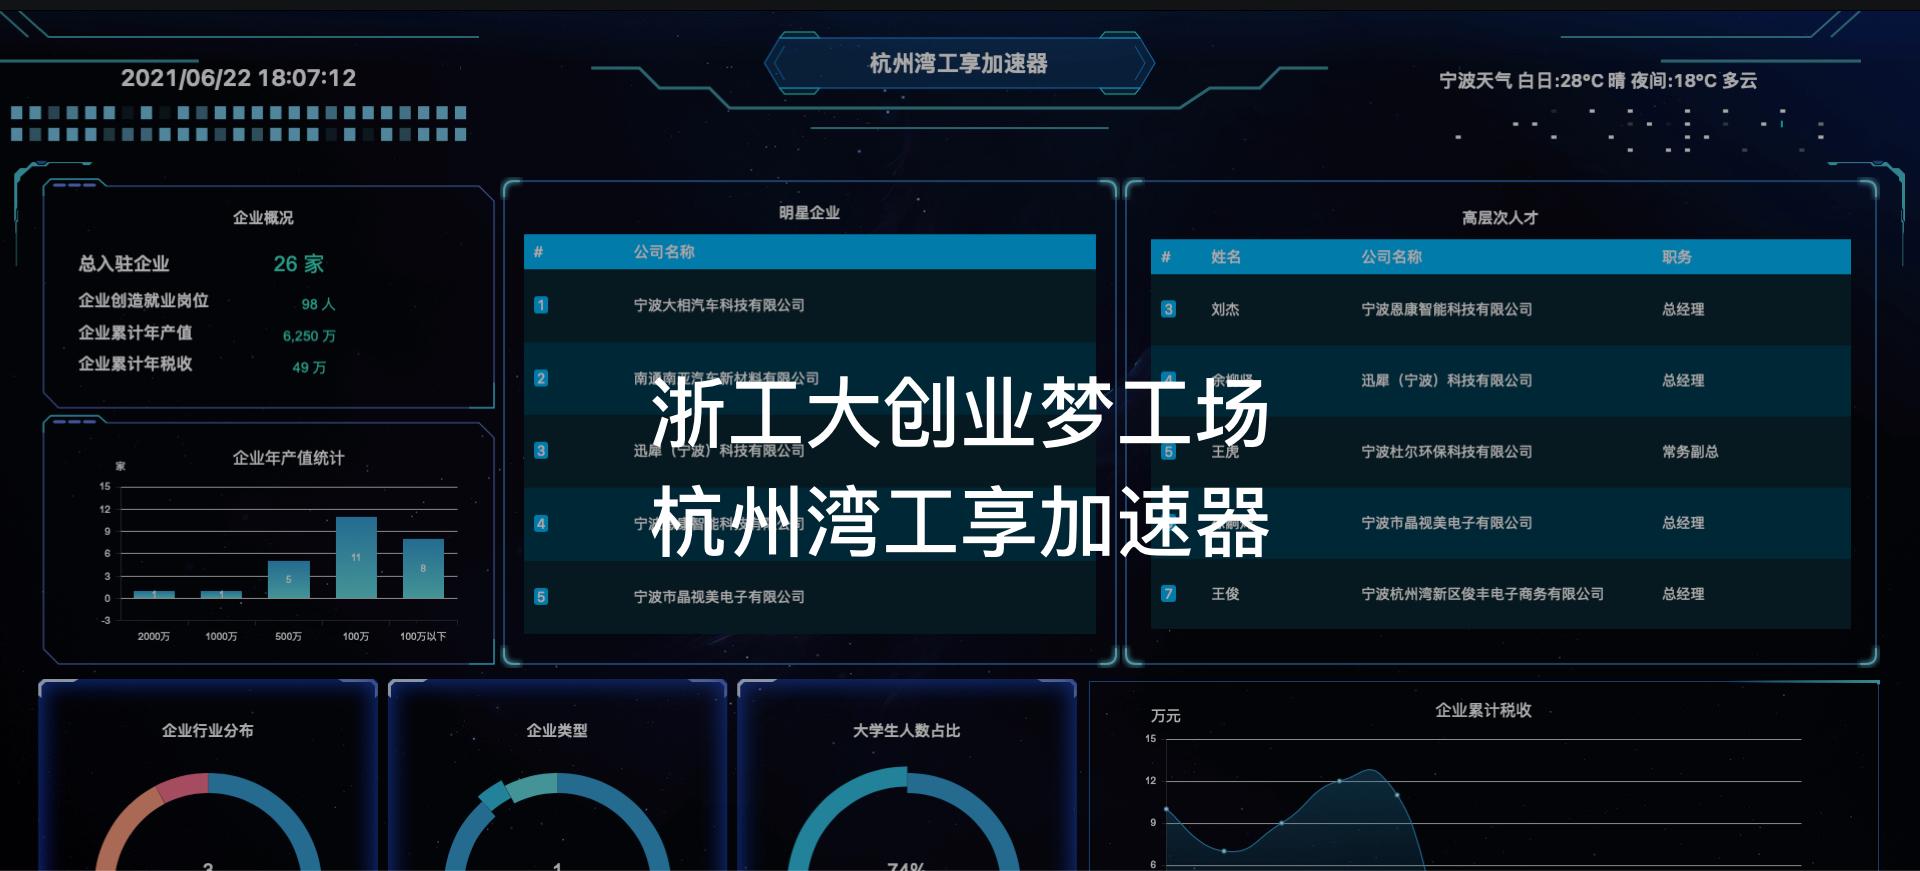 浙大梦工厂备份 9.jpg